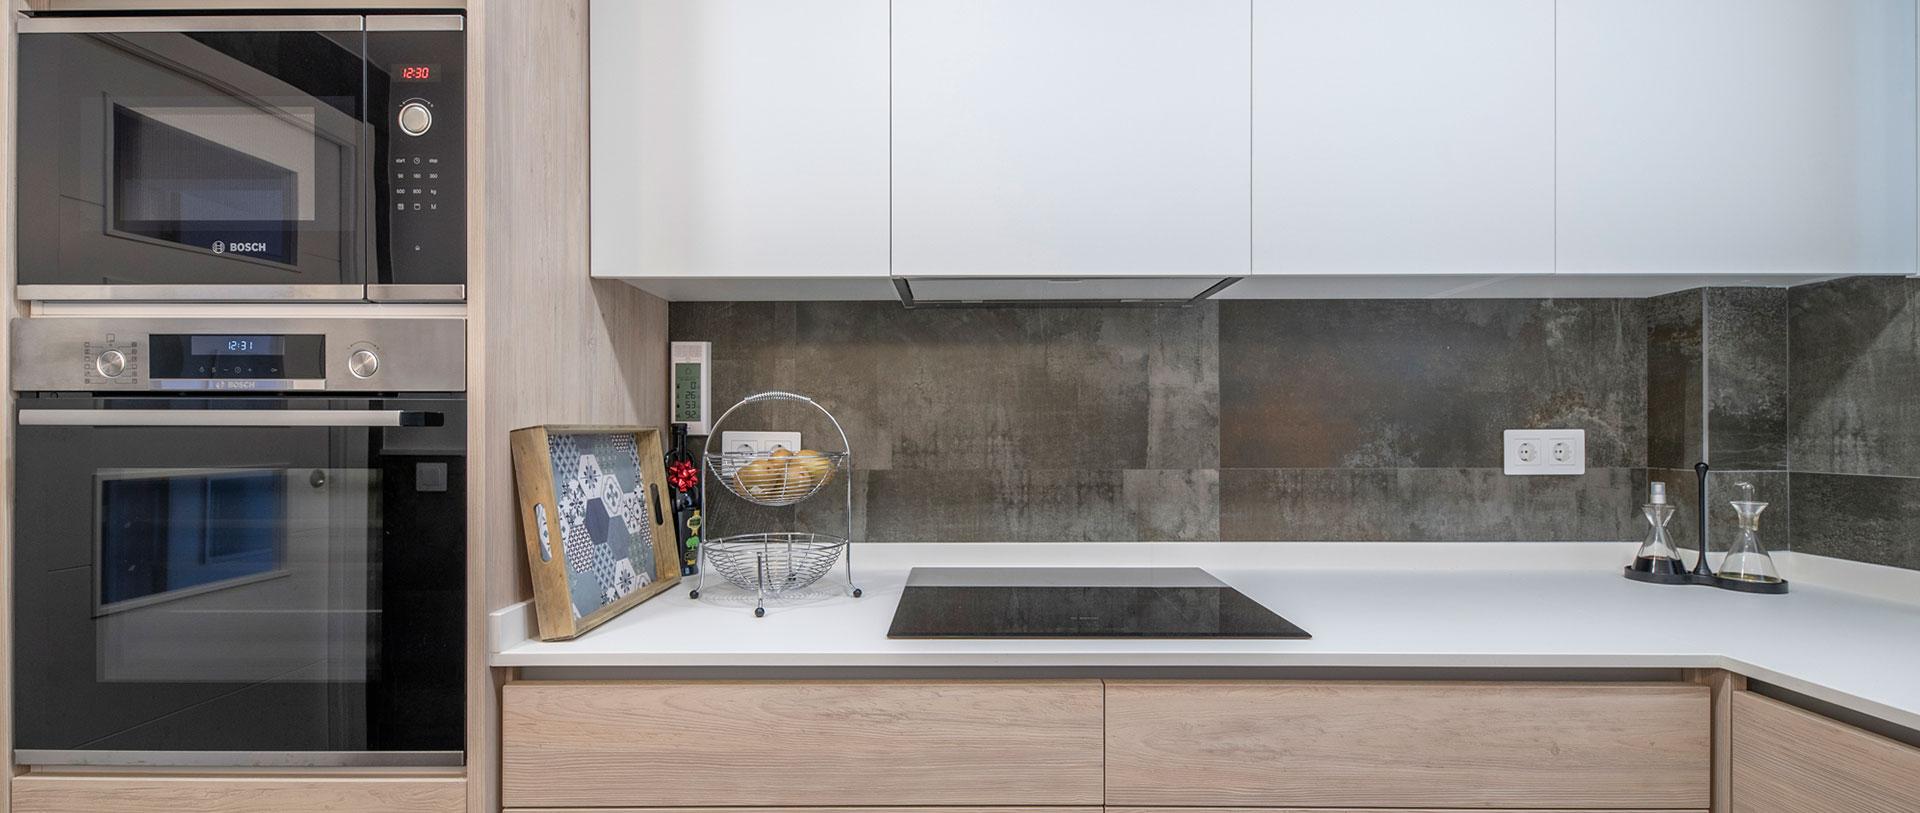 Diseño de interior para cocina en Avenida Canal, realizado por Dromstudio